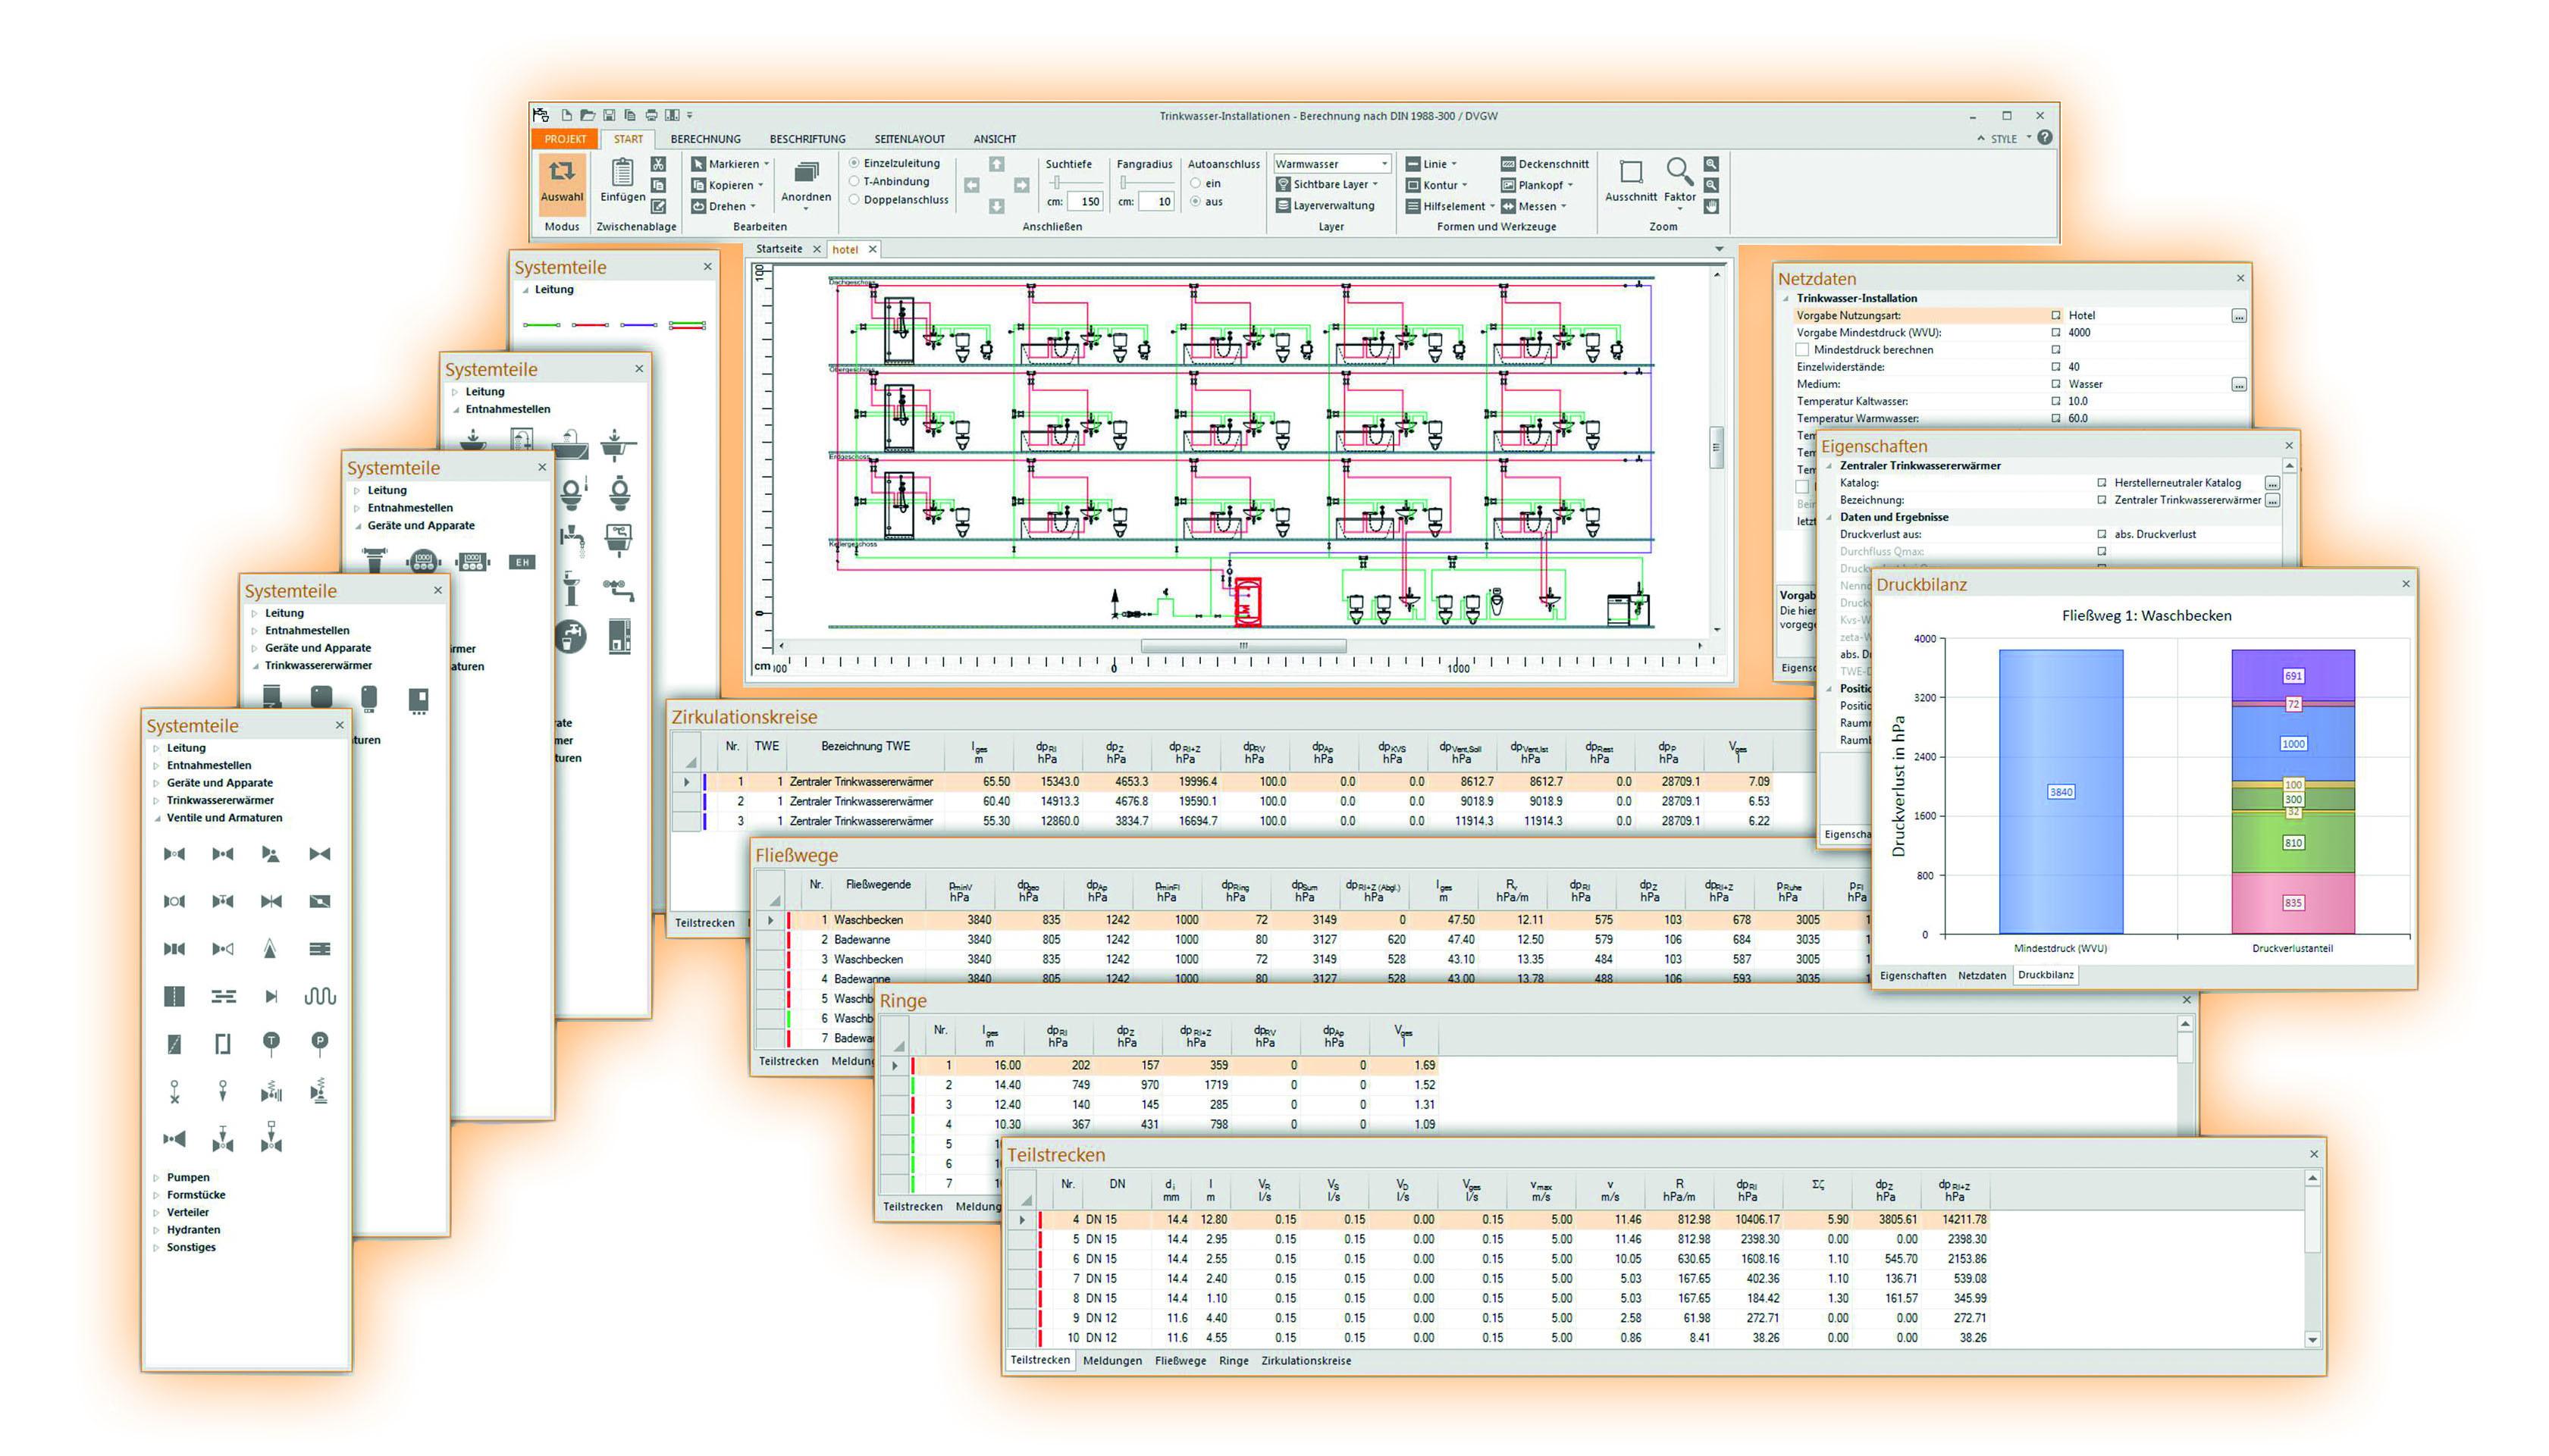 SOLAR-COMPUTER GmbH - Presse-Mitteilung 16/05-1: Effizient planen im ...